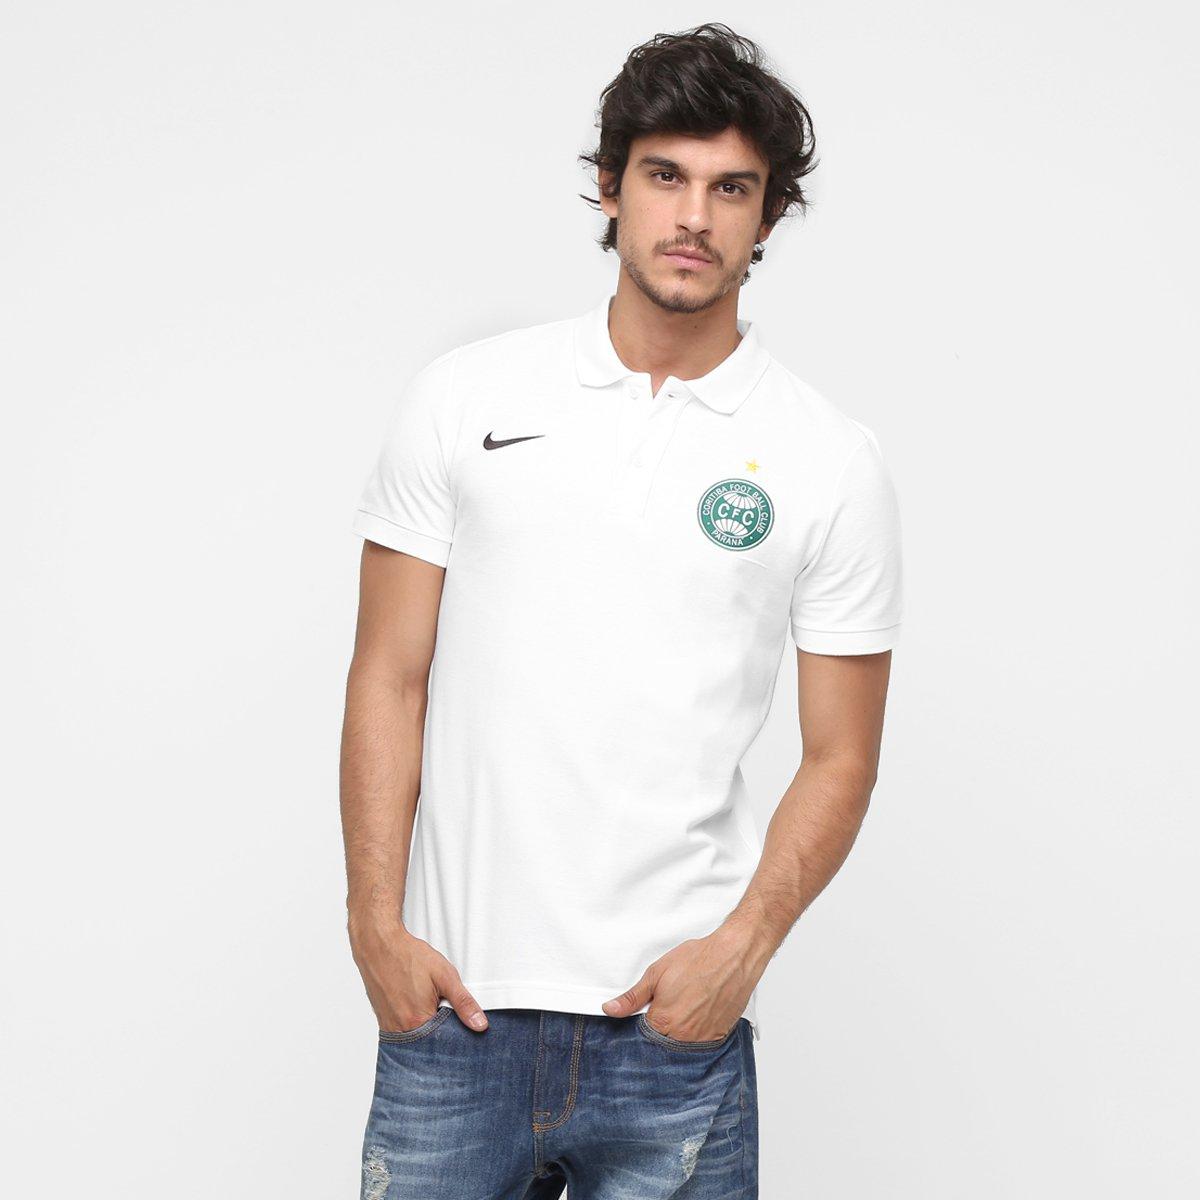 b30876335d Camisa Polo Nike Coritiba Comissão Técnica Viagem 12 13 - Compre Agora